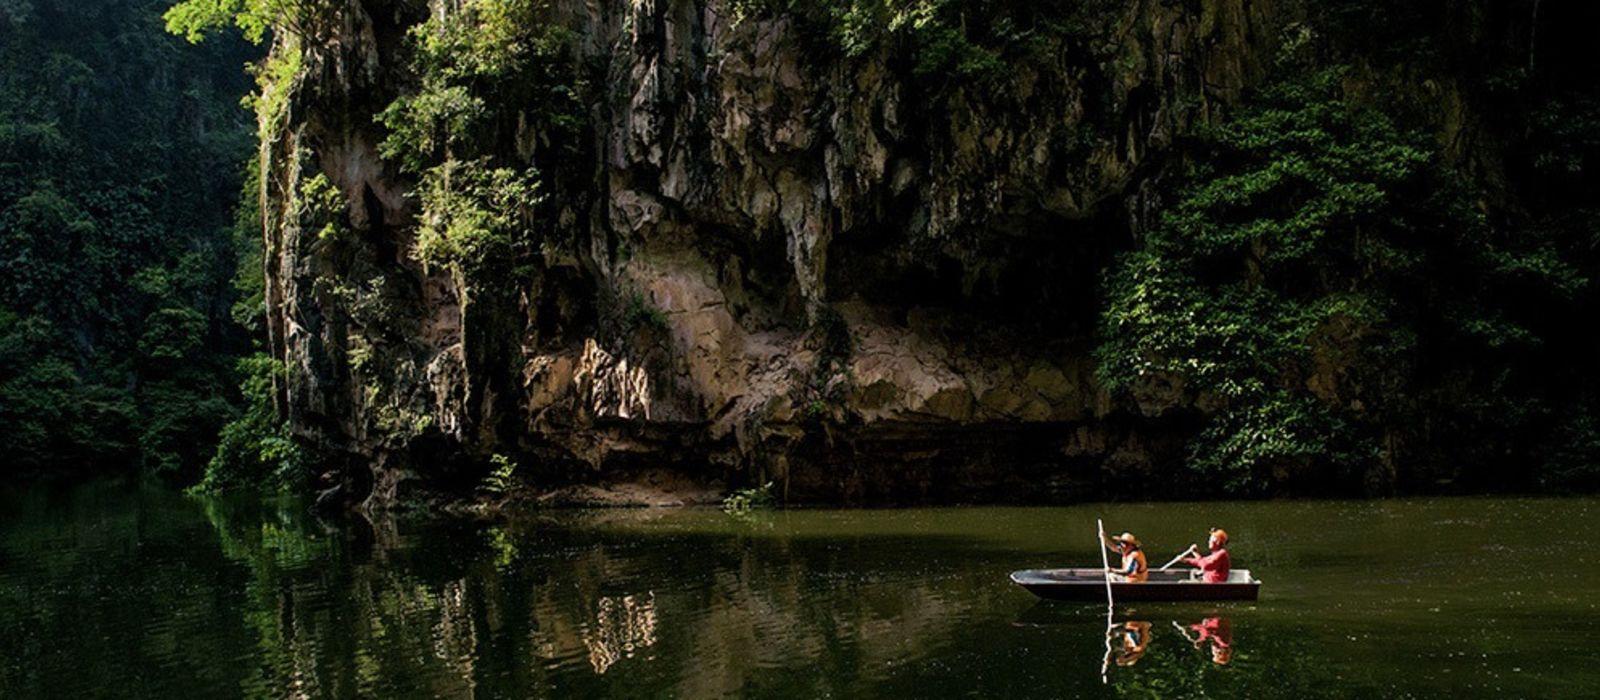 Nature, Wildlife and Adventure in Borneo Tour Trip 2